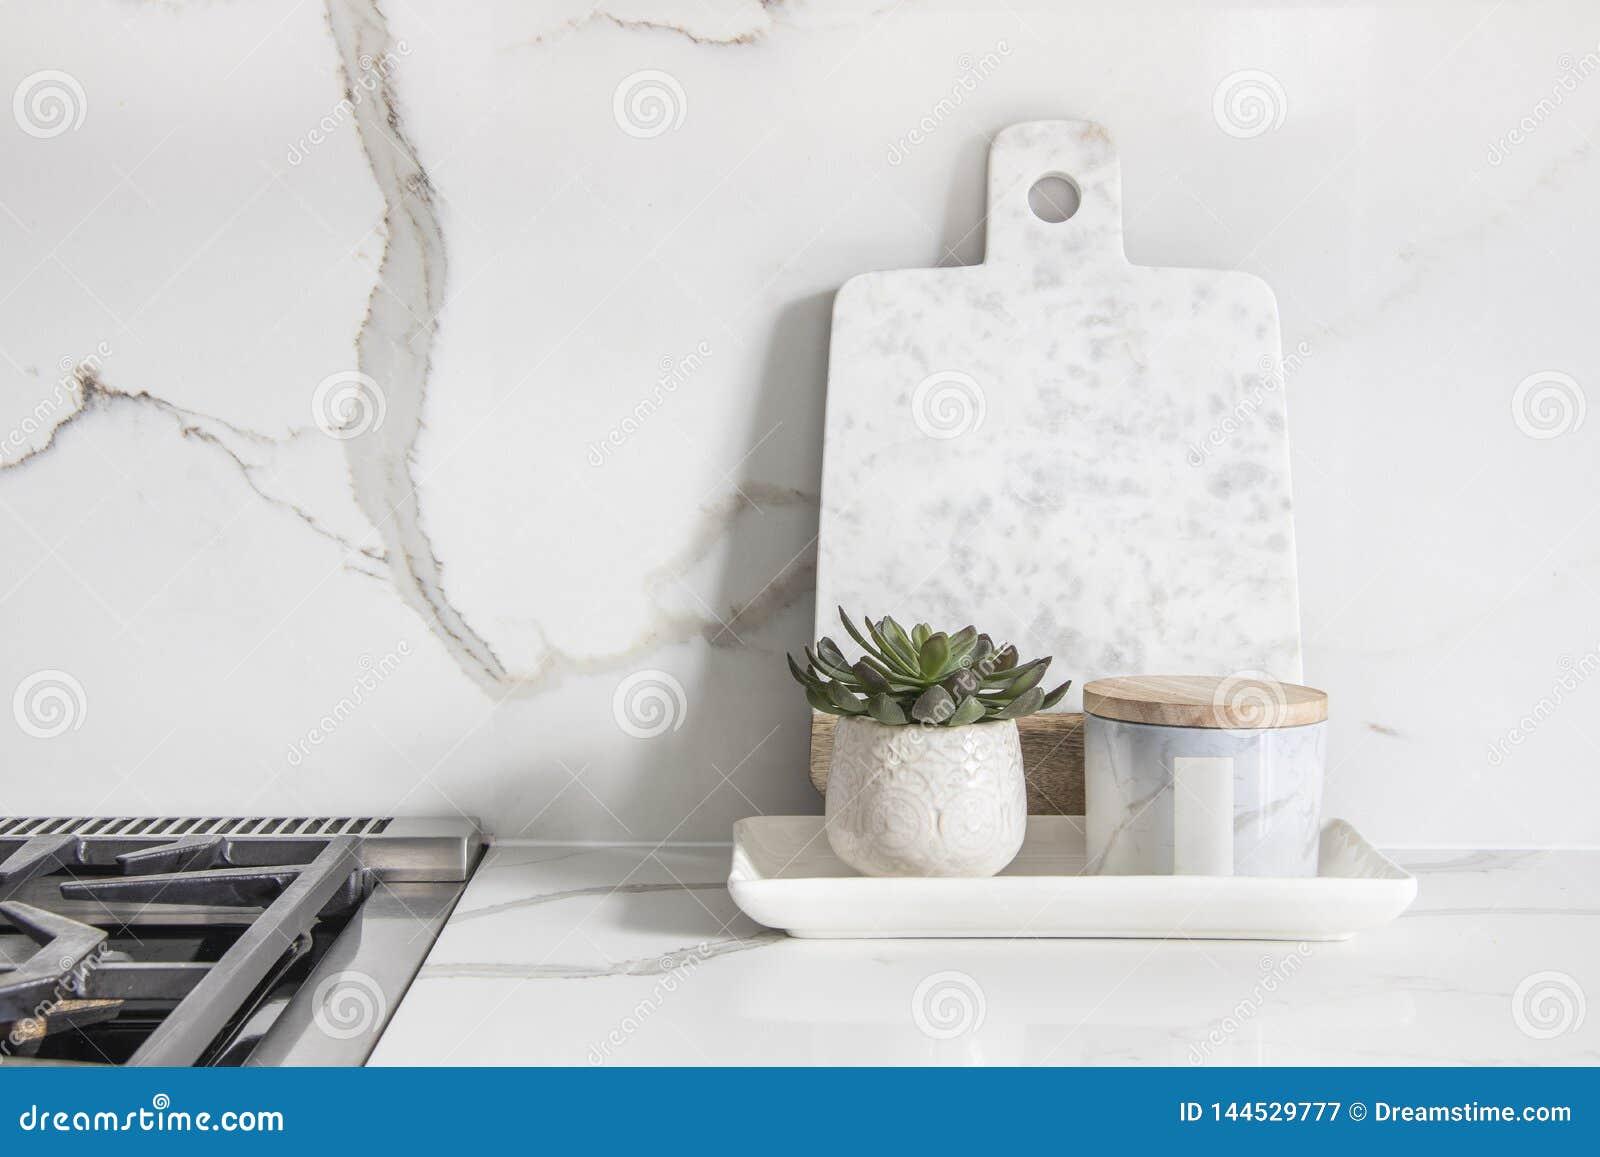 Um close up bonito de uma cozinha projetada, com a bancada e backsplash de vista de mármore de quartzo